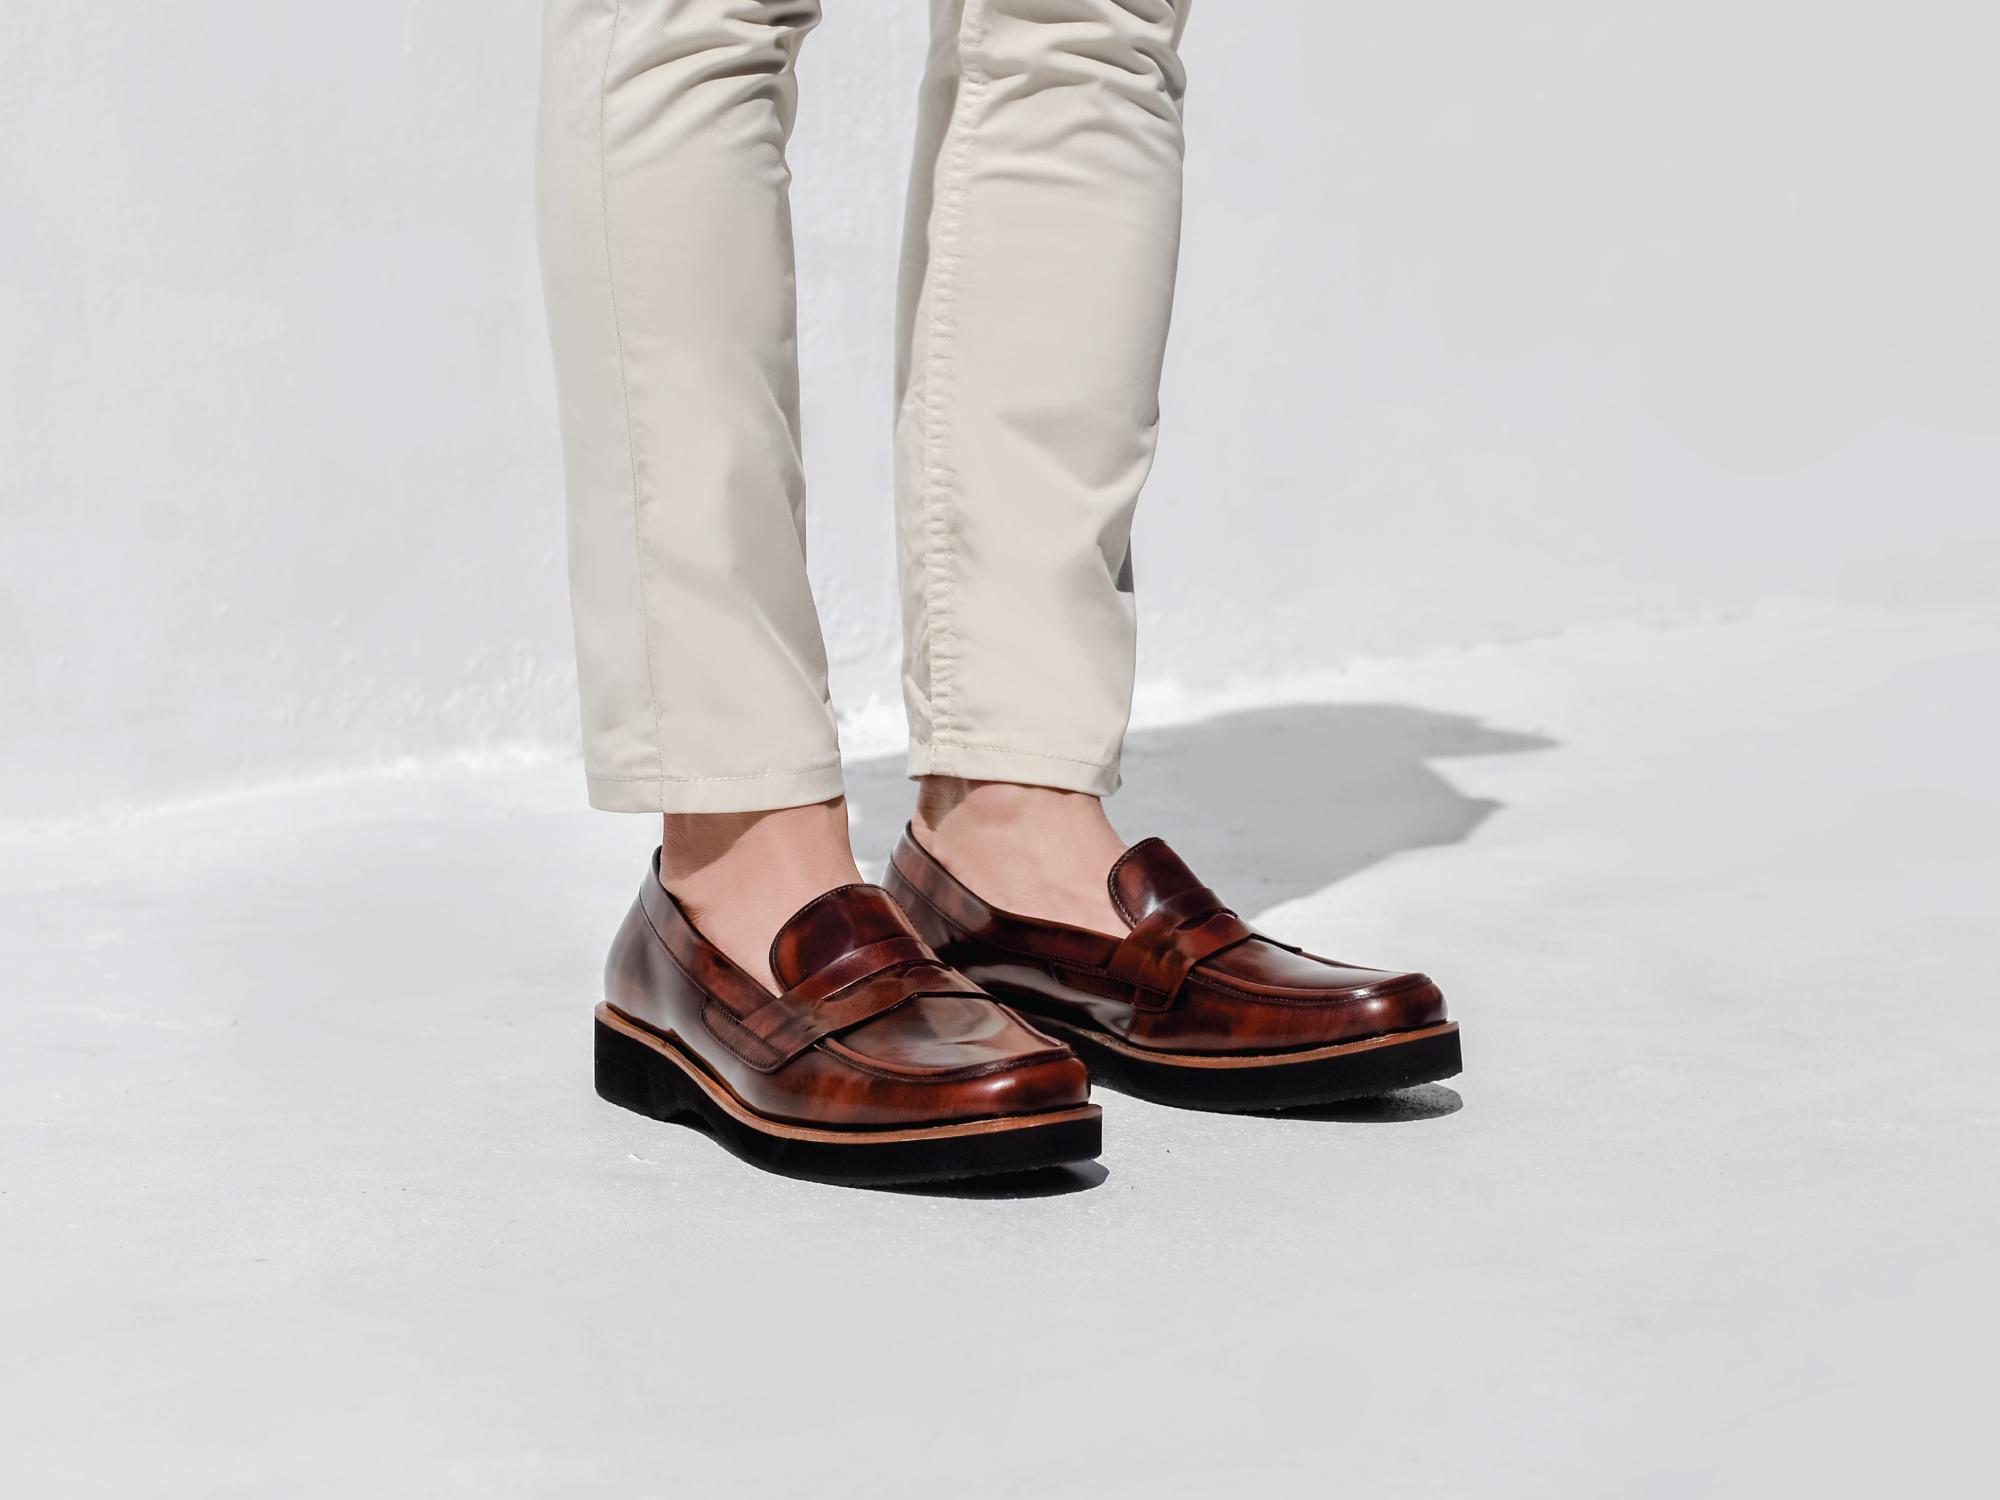 men,ผู้ชาย,รองเท้า,รองเท้าผู้ชาย,รองเท้าหนัง,รองเท้าหนังสีน้ำตาล,รองเท้าหุ้มส้น